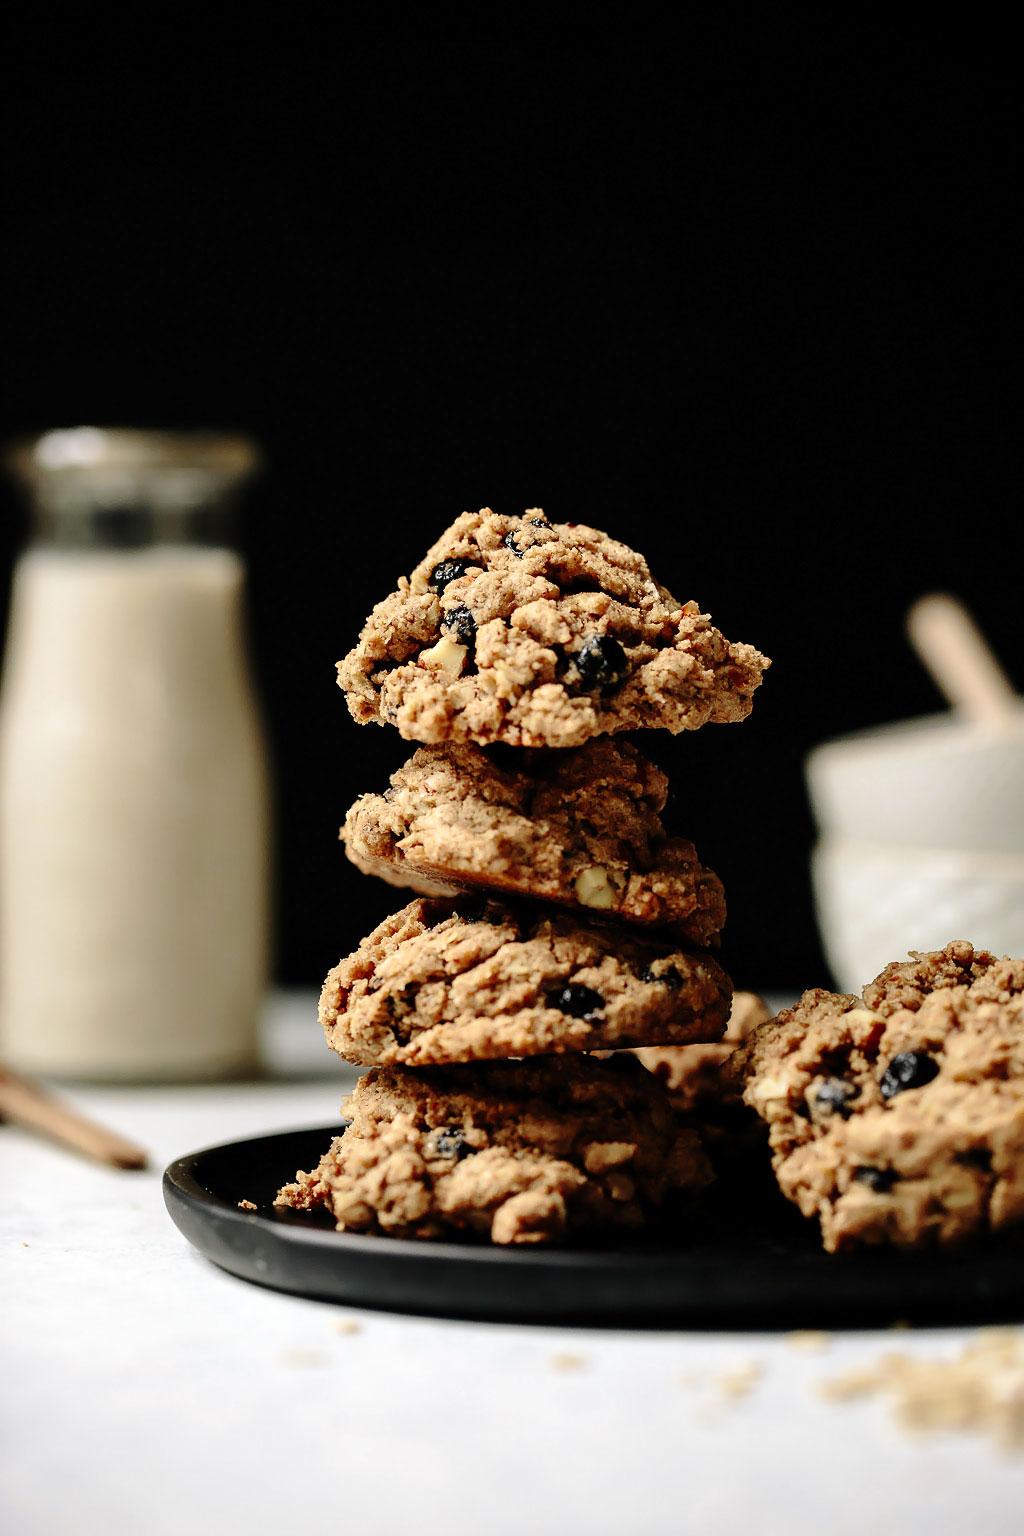 Vegan Blueberry Almond Oat Breakfast Cookies Recipe